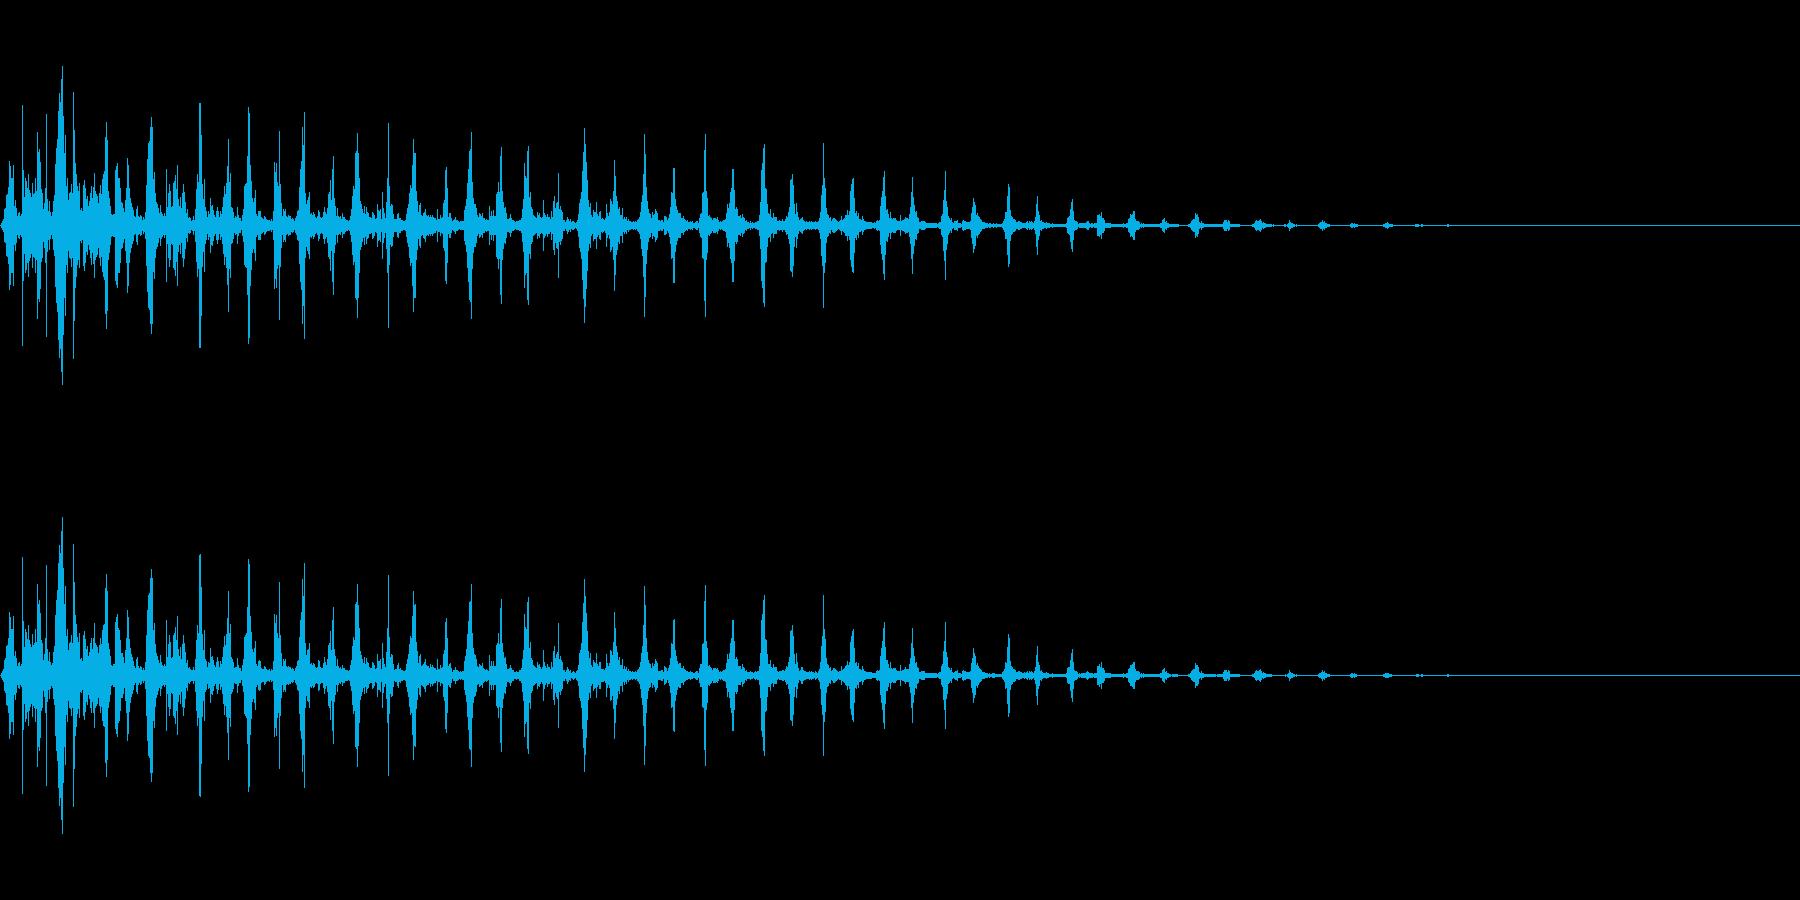 マラカスの連続音(コミカル・遠ざかる)の再生済みの波形